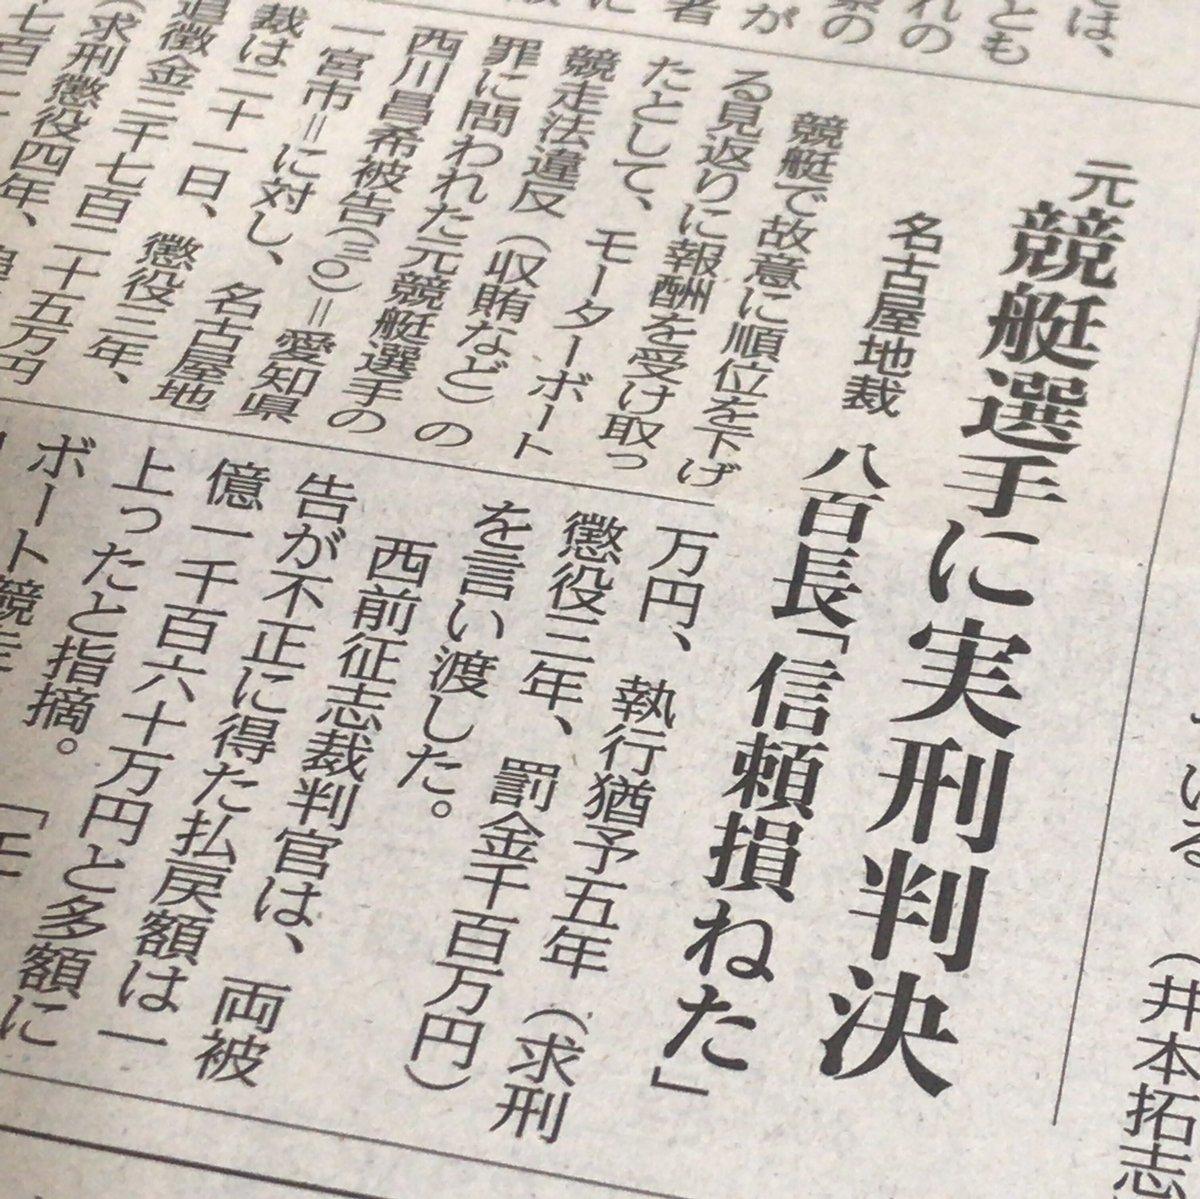 元競艇選手・西川昌希に懲役3年!親戚と『八百長』で追徴金3725万円支払へまとめのカテゴリ一覧まとめまとめについて関連サイト一覧